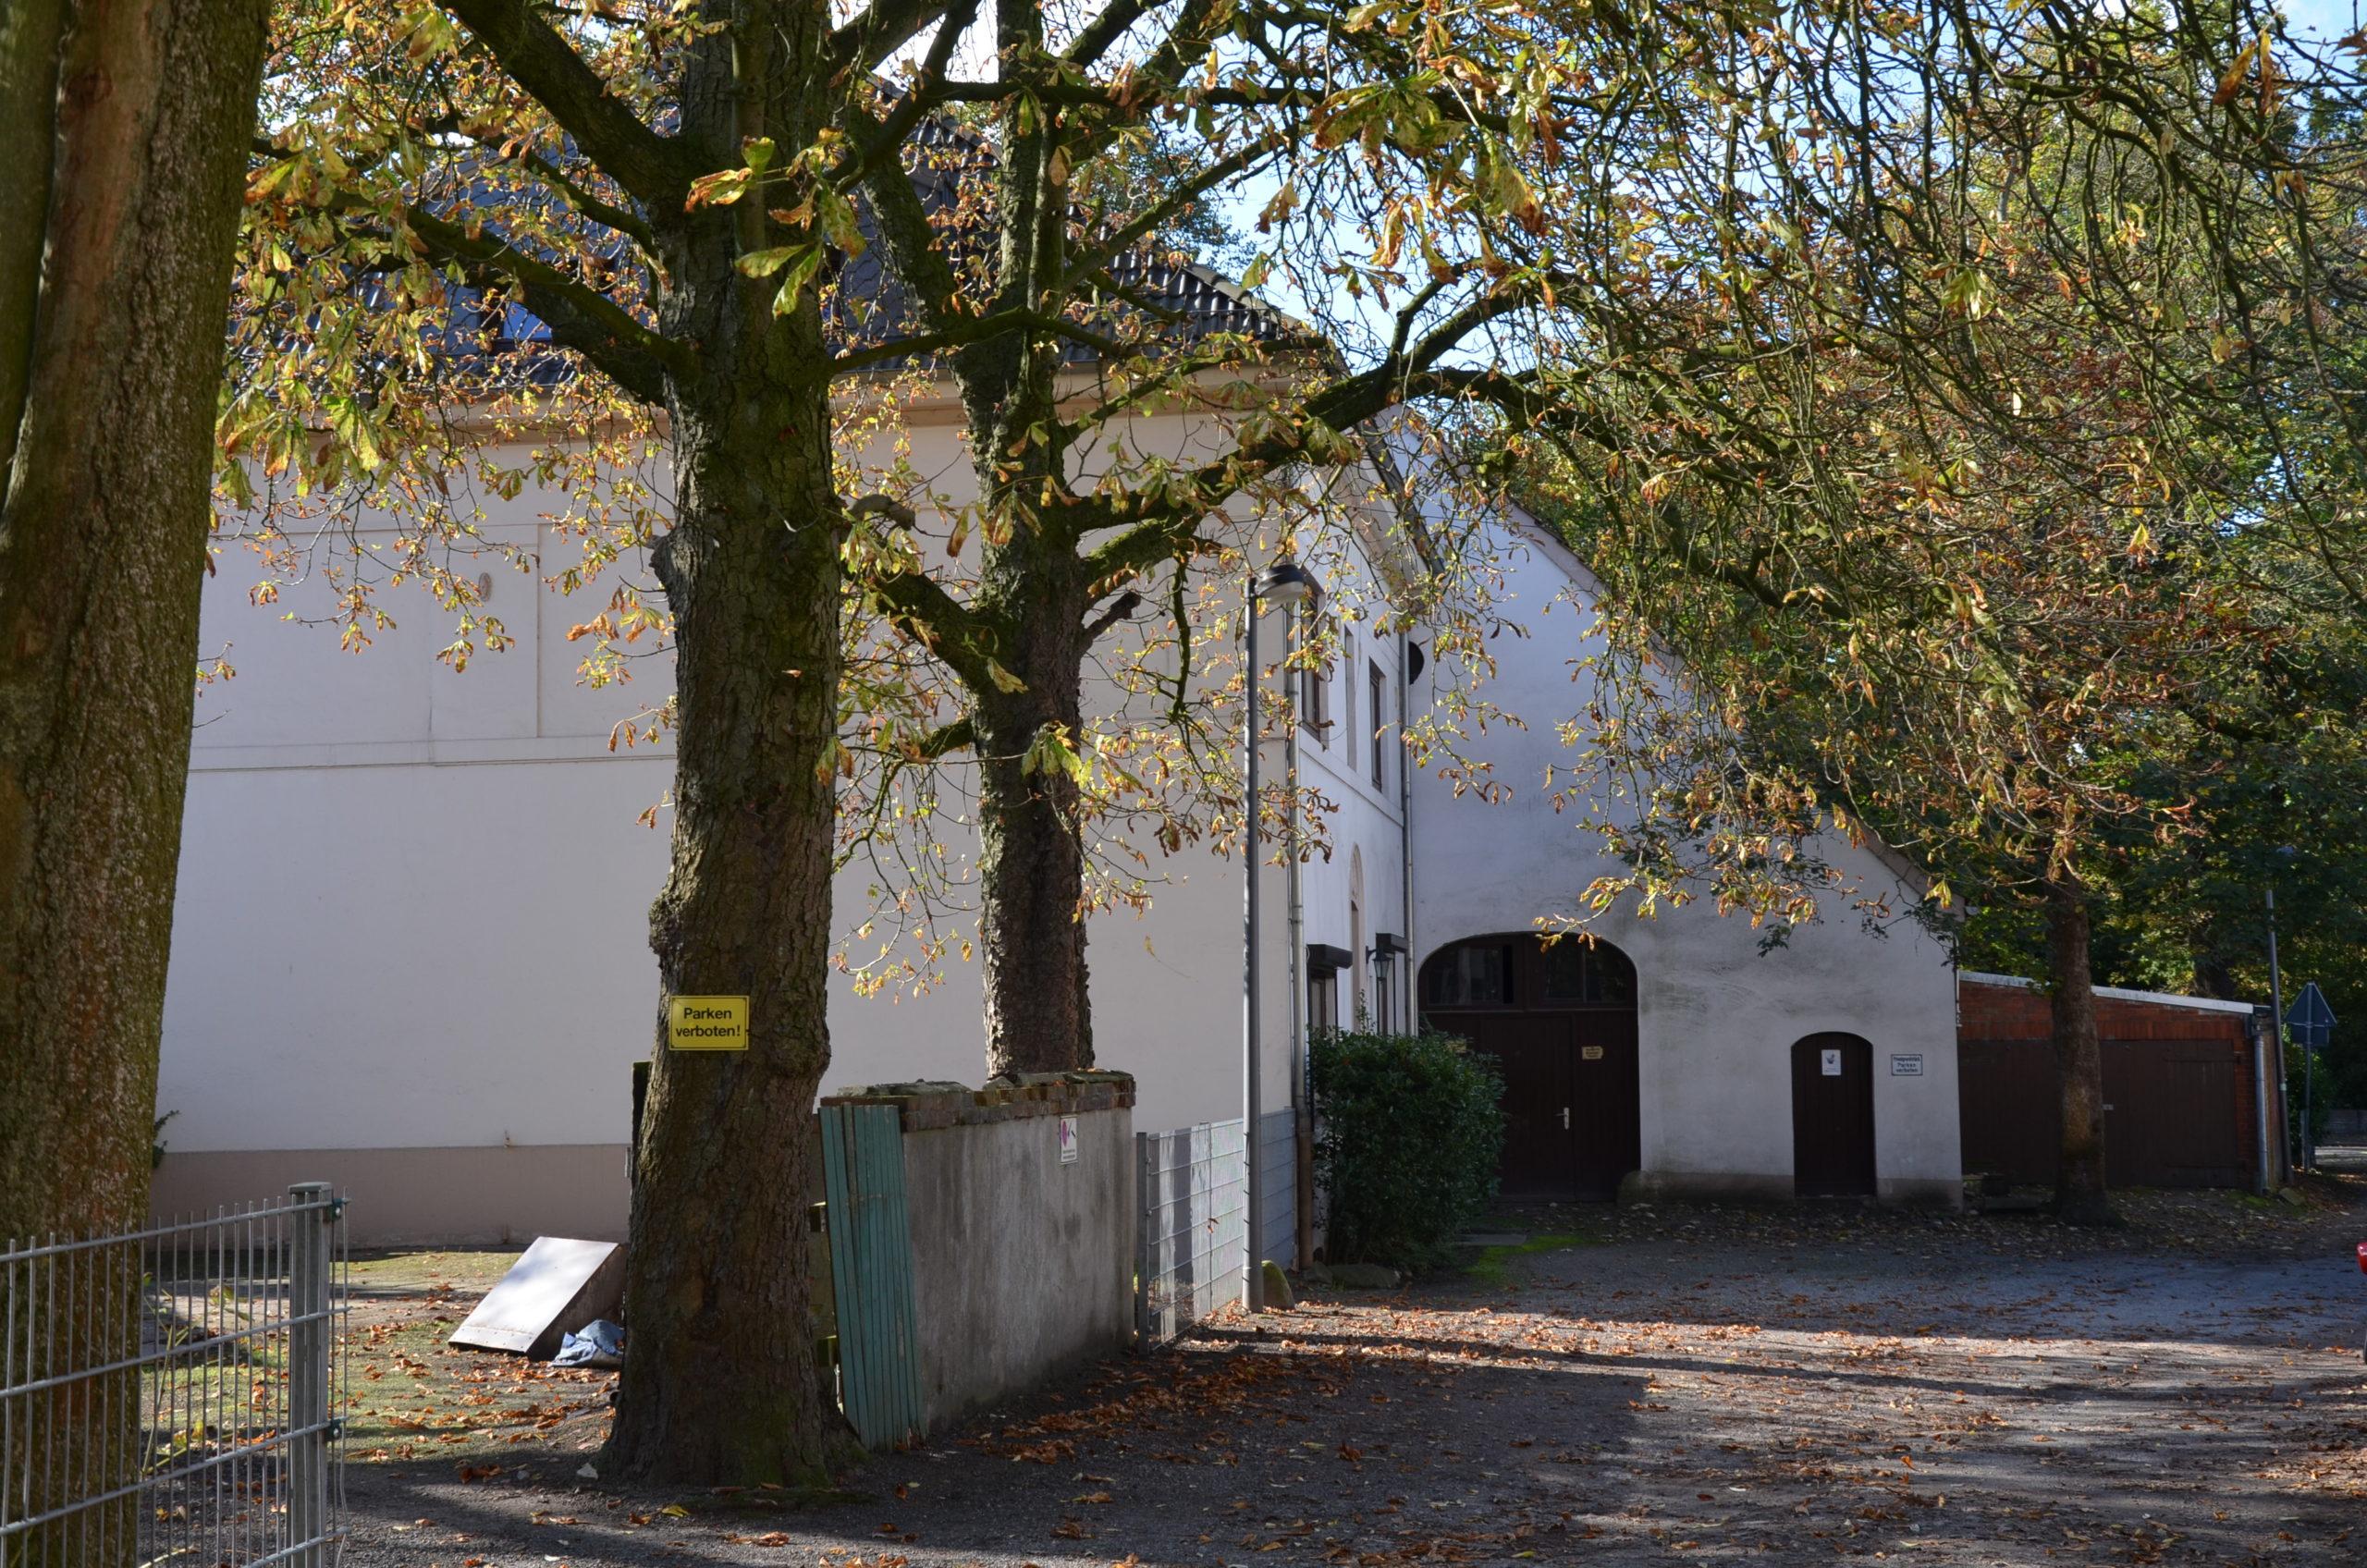 Waller Dorfgeschichte